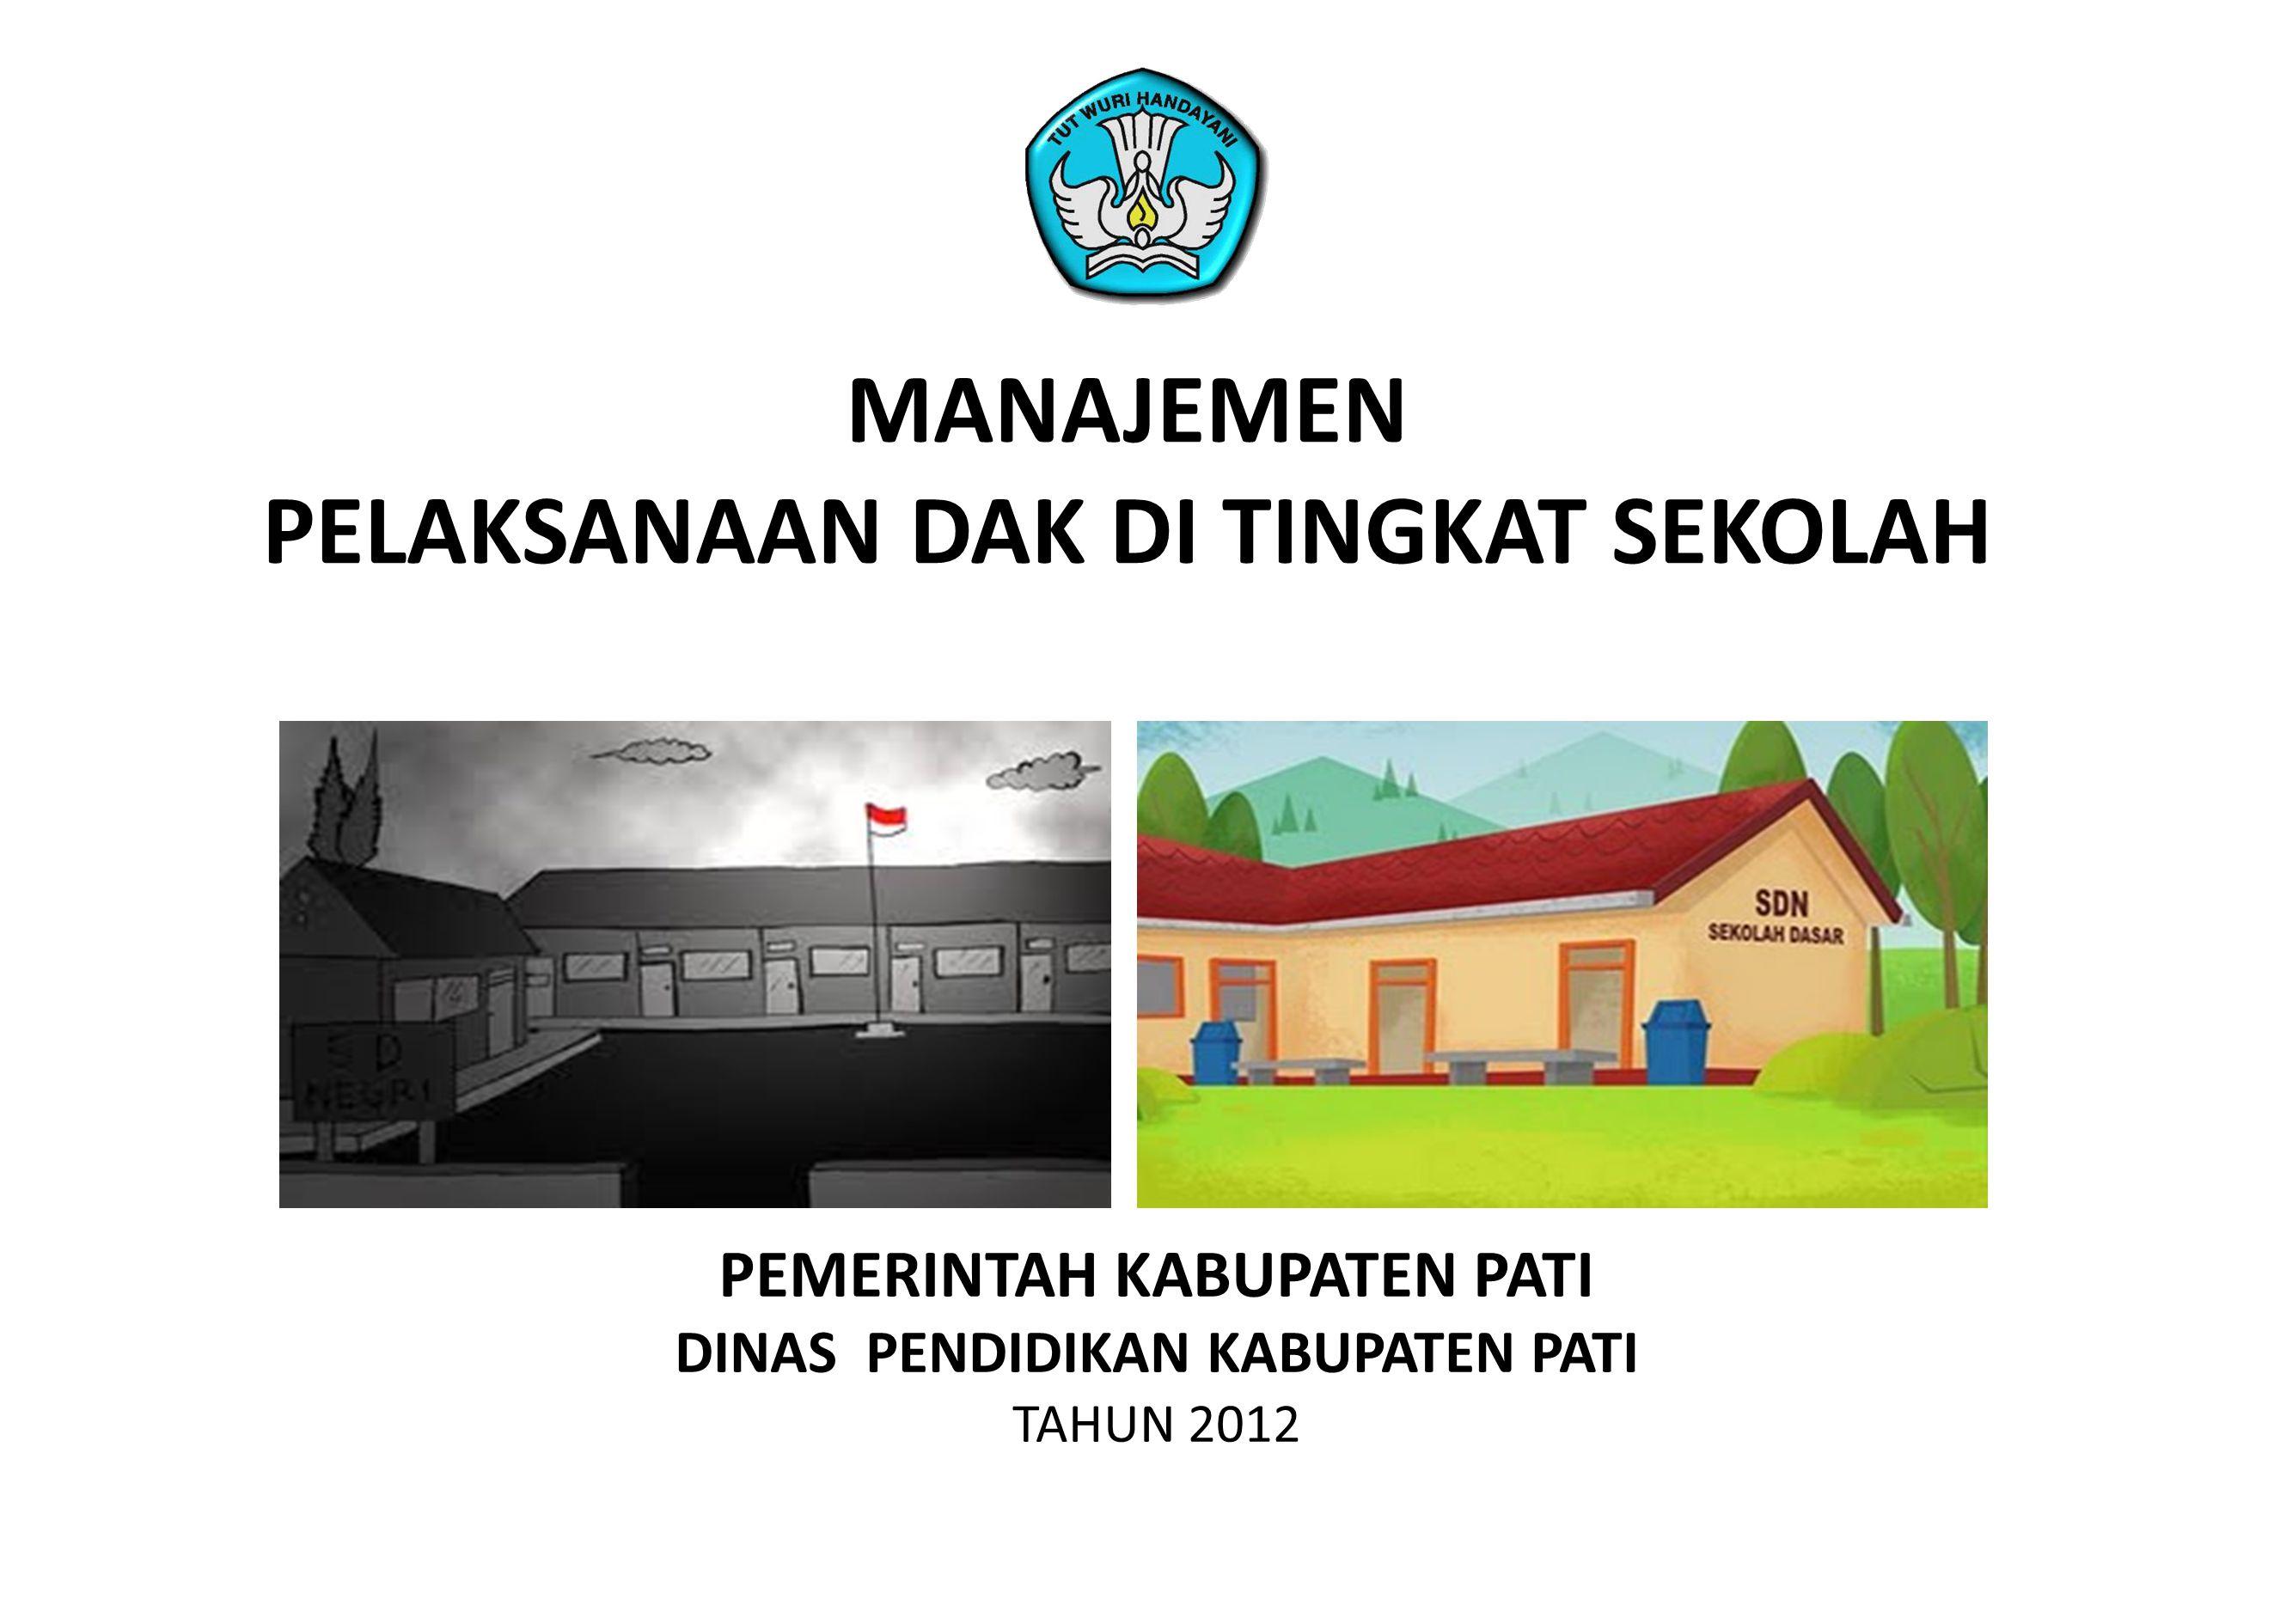 PEMERINTAH KABUPATEN PATI DINAS PENDIDIKAN KABUPATEN PATI TAHUN 2012 MANAJEMEN PELAKSANAAN DAK DI TINGKAT SEKOLAH